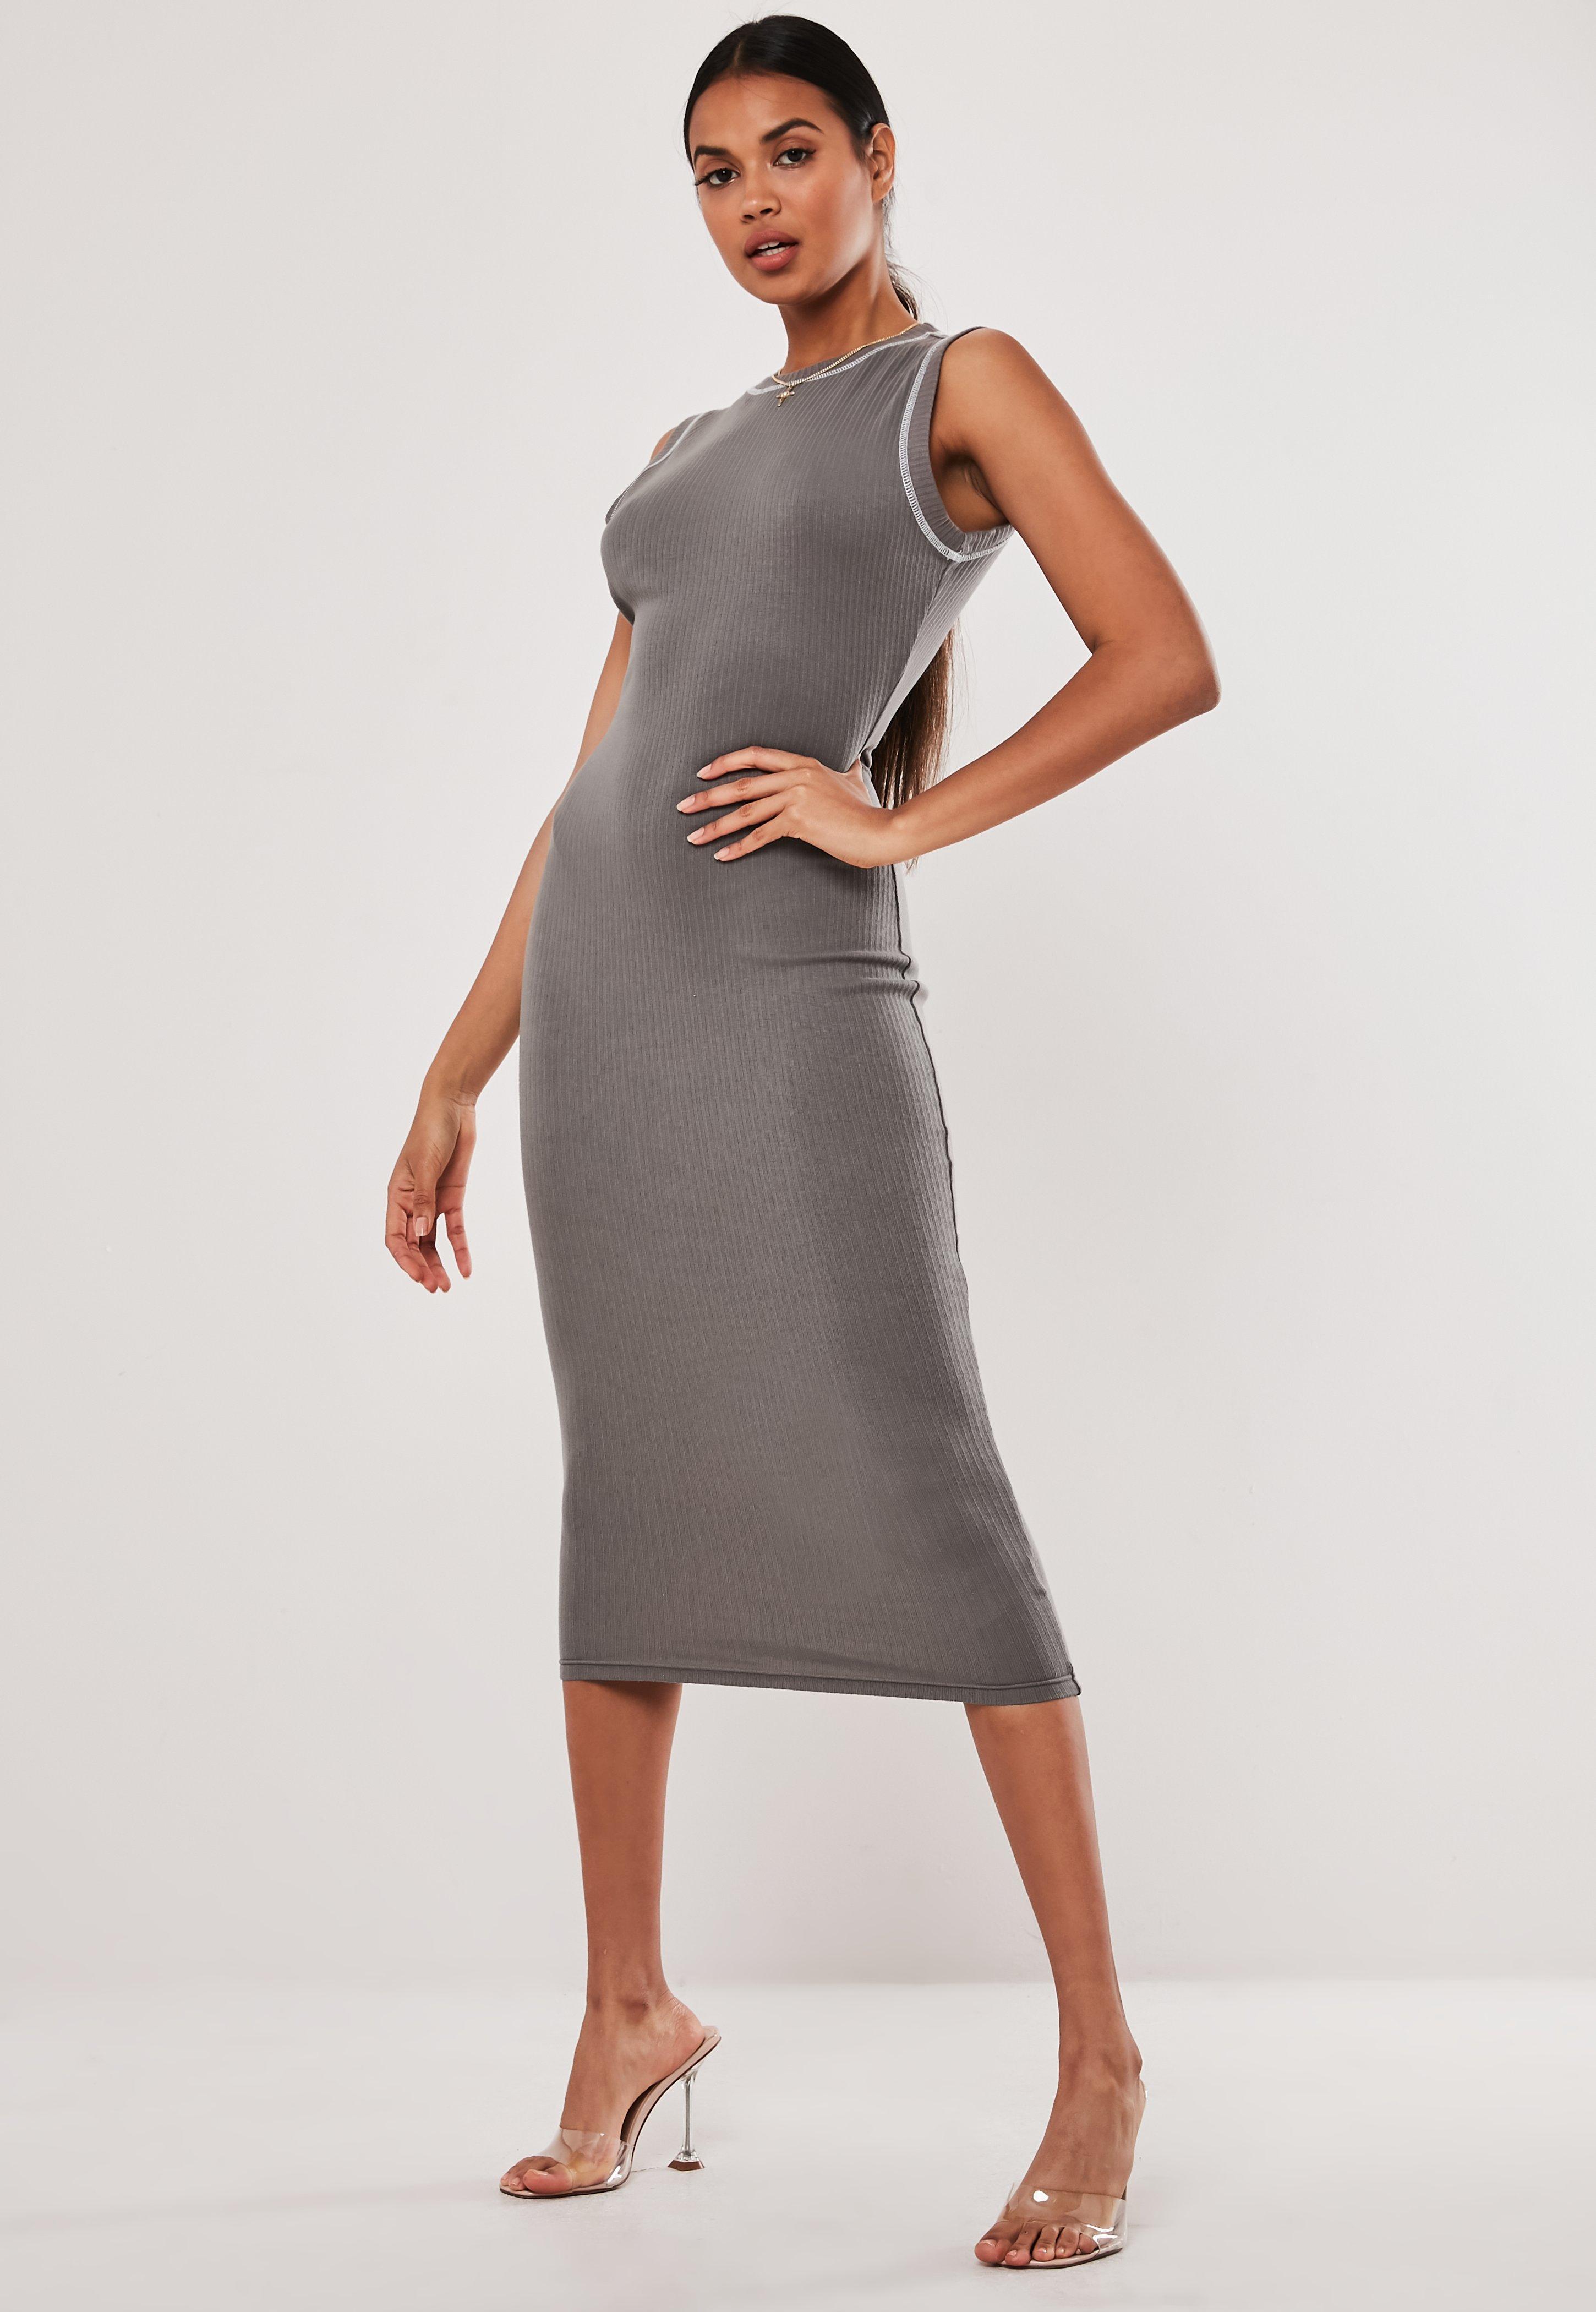 e6f441e4 Grey Rib Sleeveless Bodycon Midaxi Dress